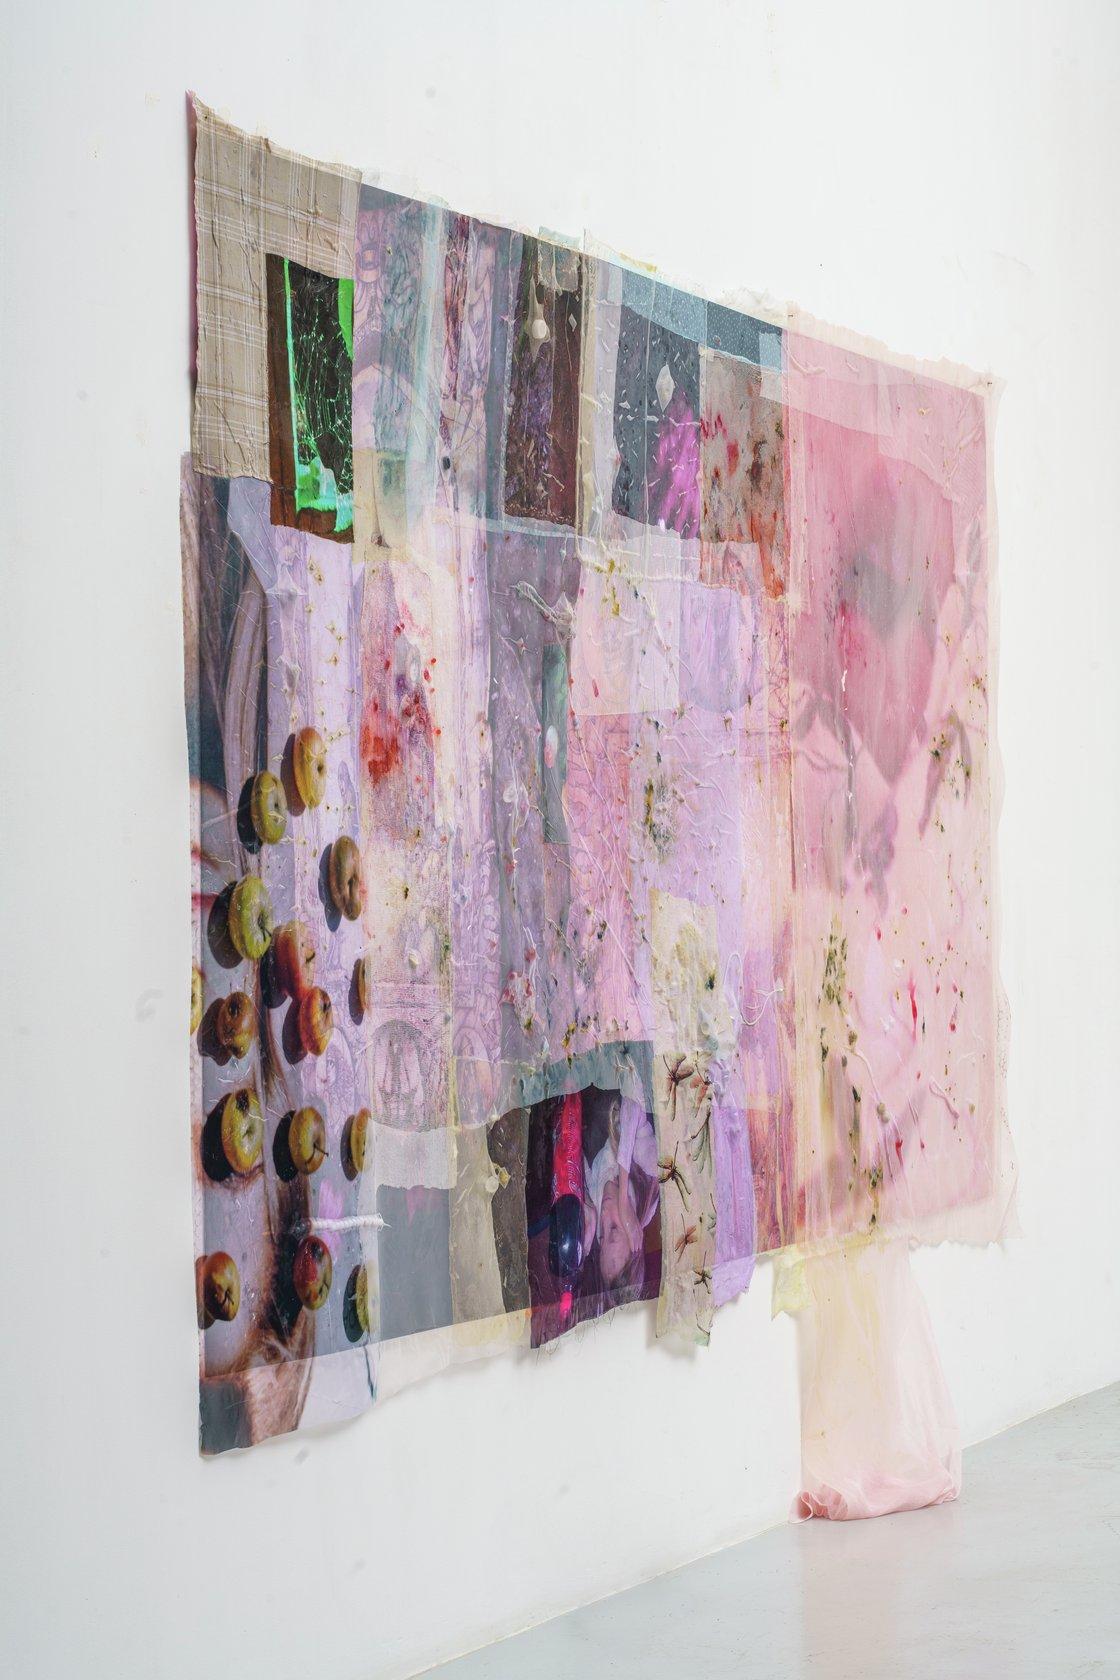 Mimosa Echard, Chakra crachat (1), 2019